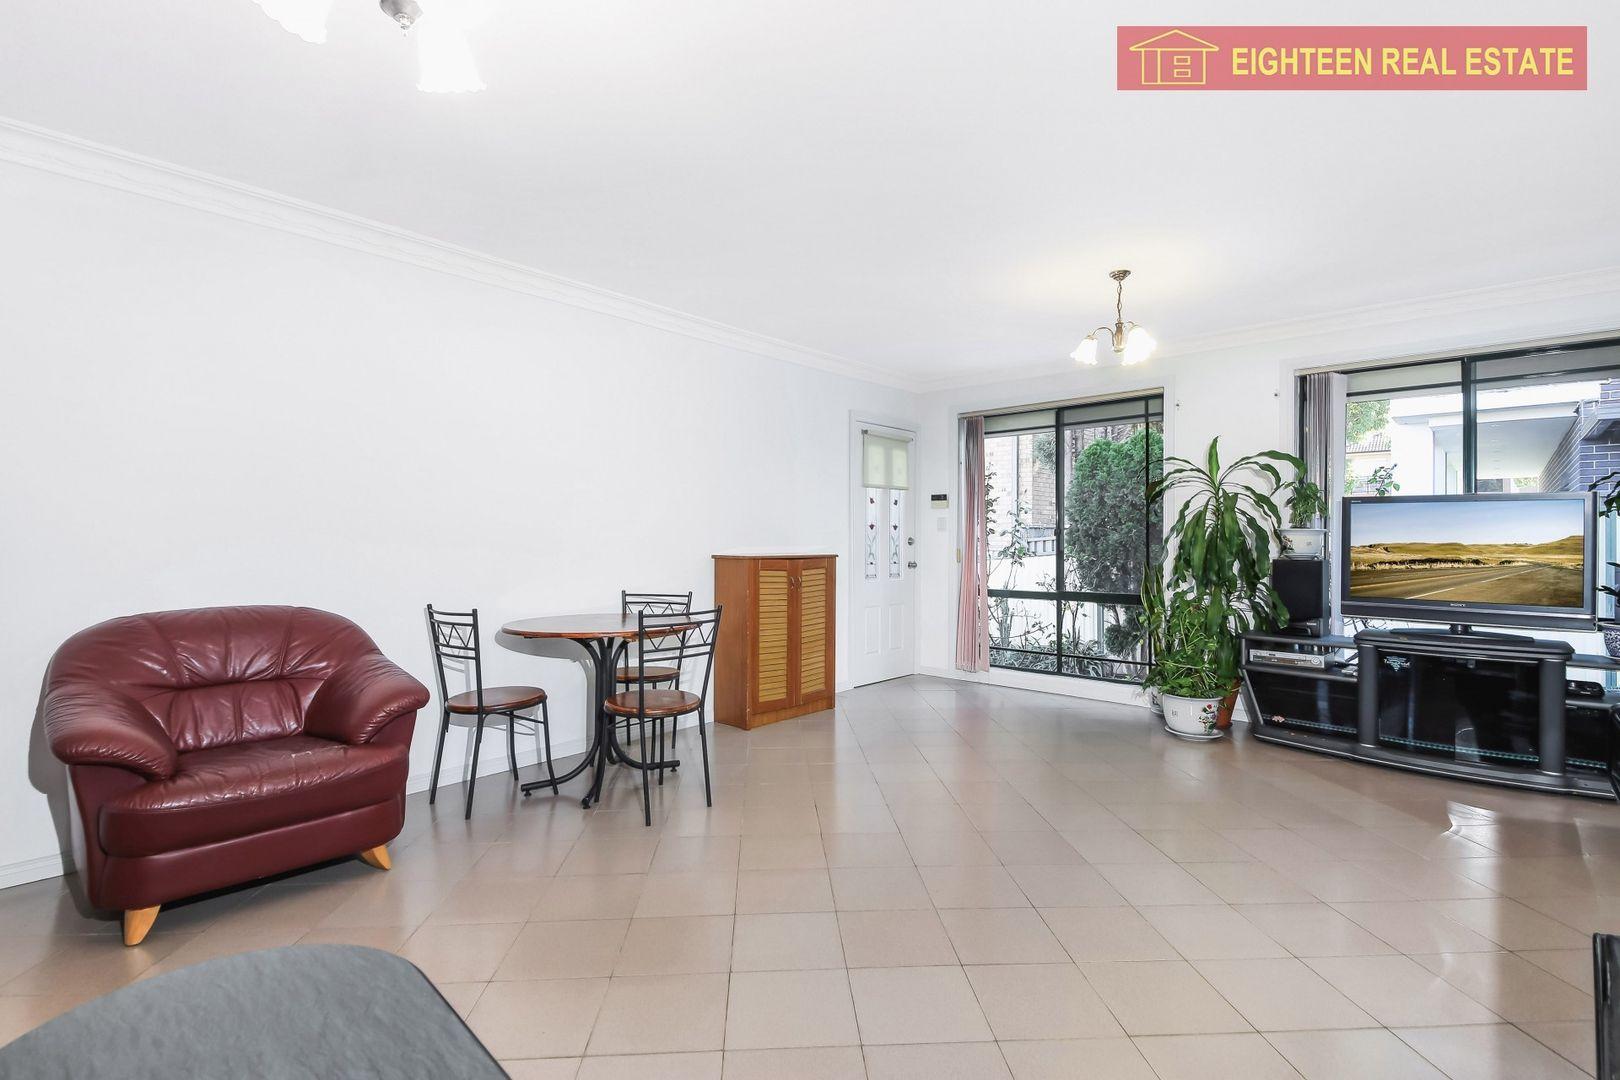 2/86 Sir Joseph Banks St, Bankstown NSW 2200, Image 0